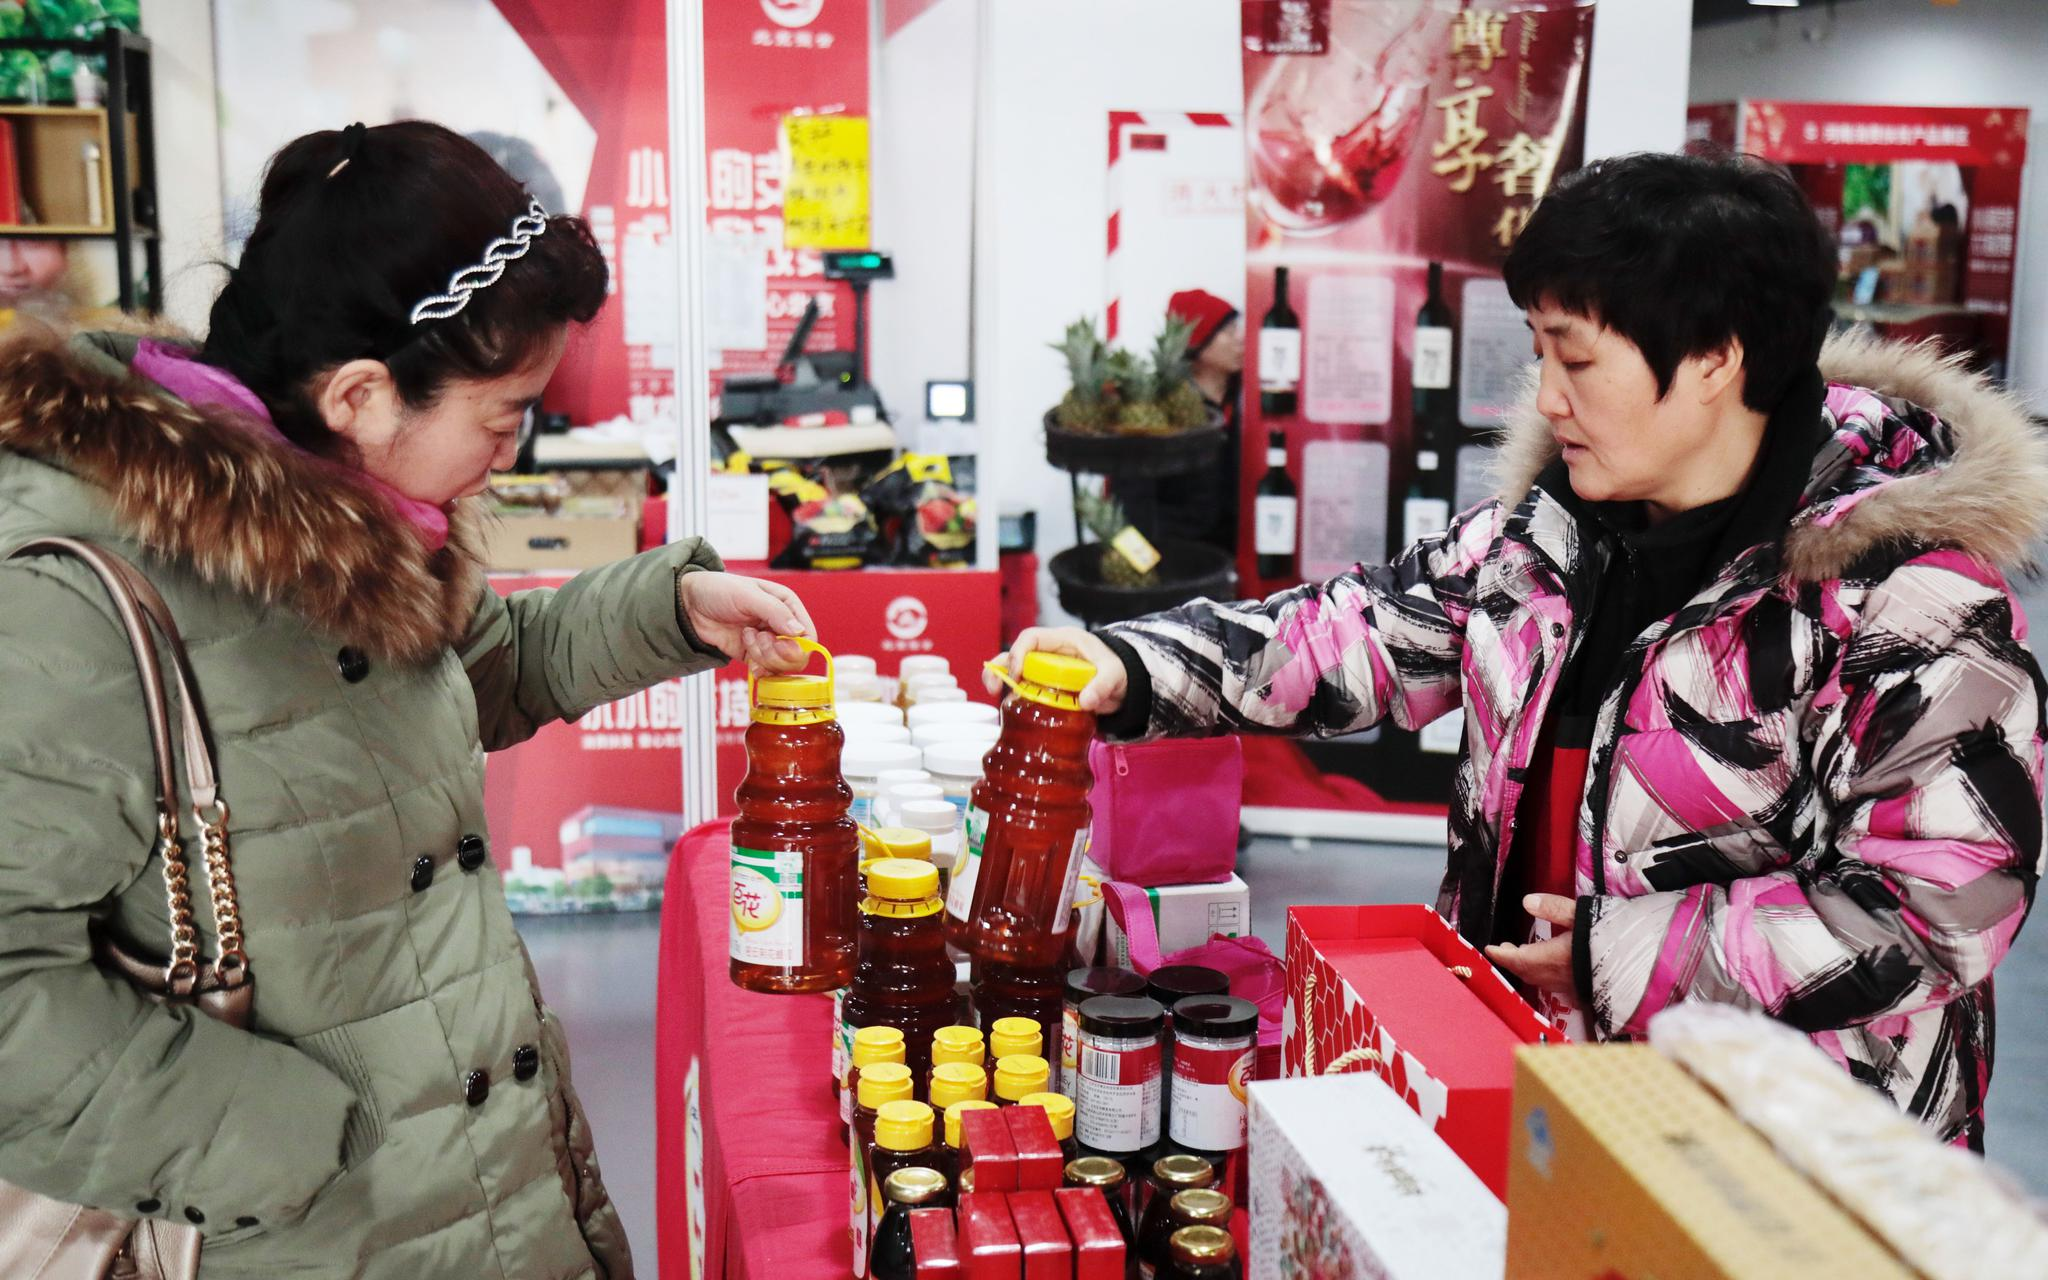 北京消费扶贫年货大集开张,1500多种产品连卖15天图片